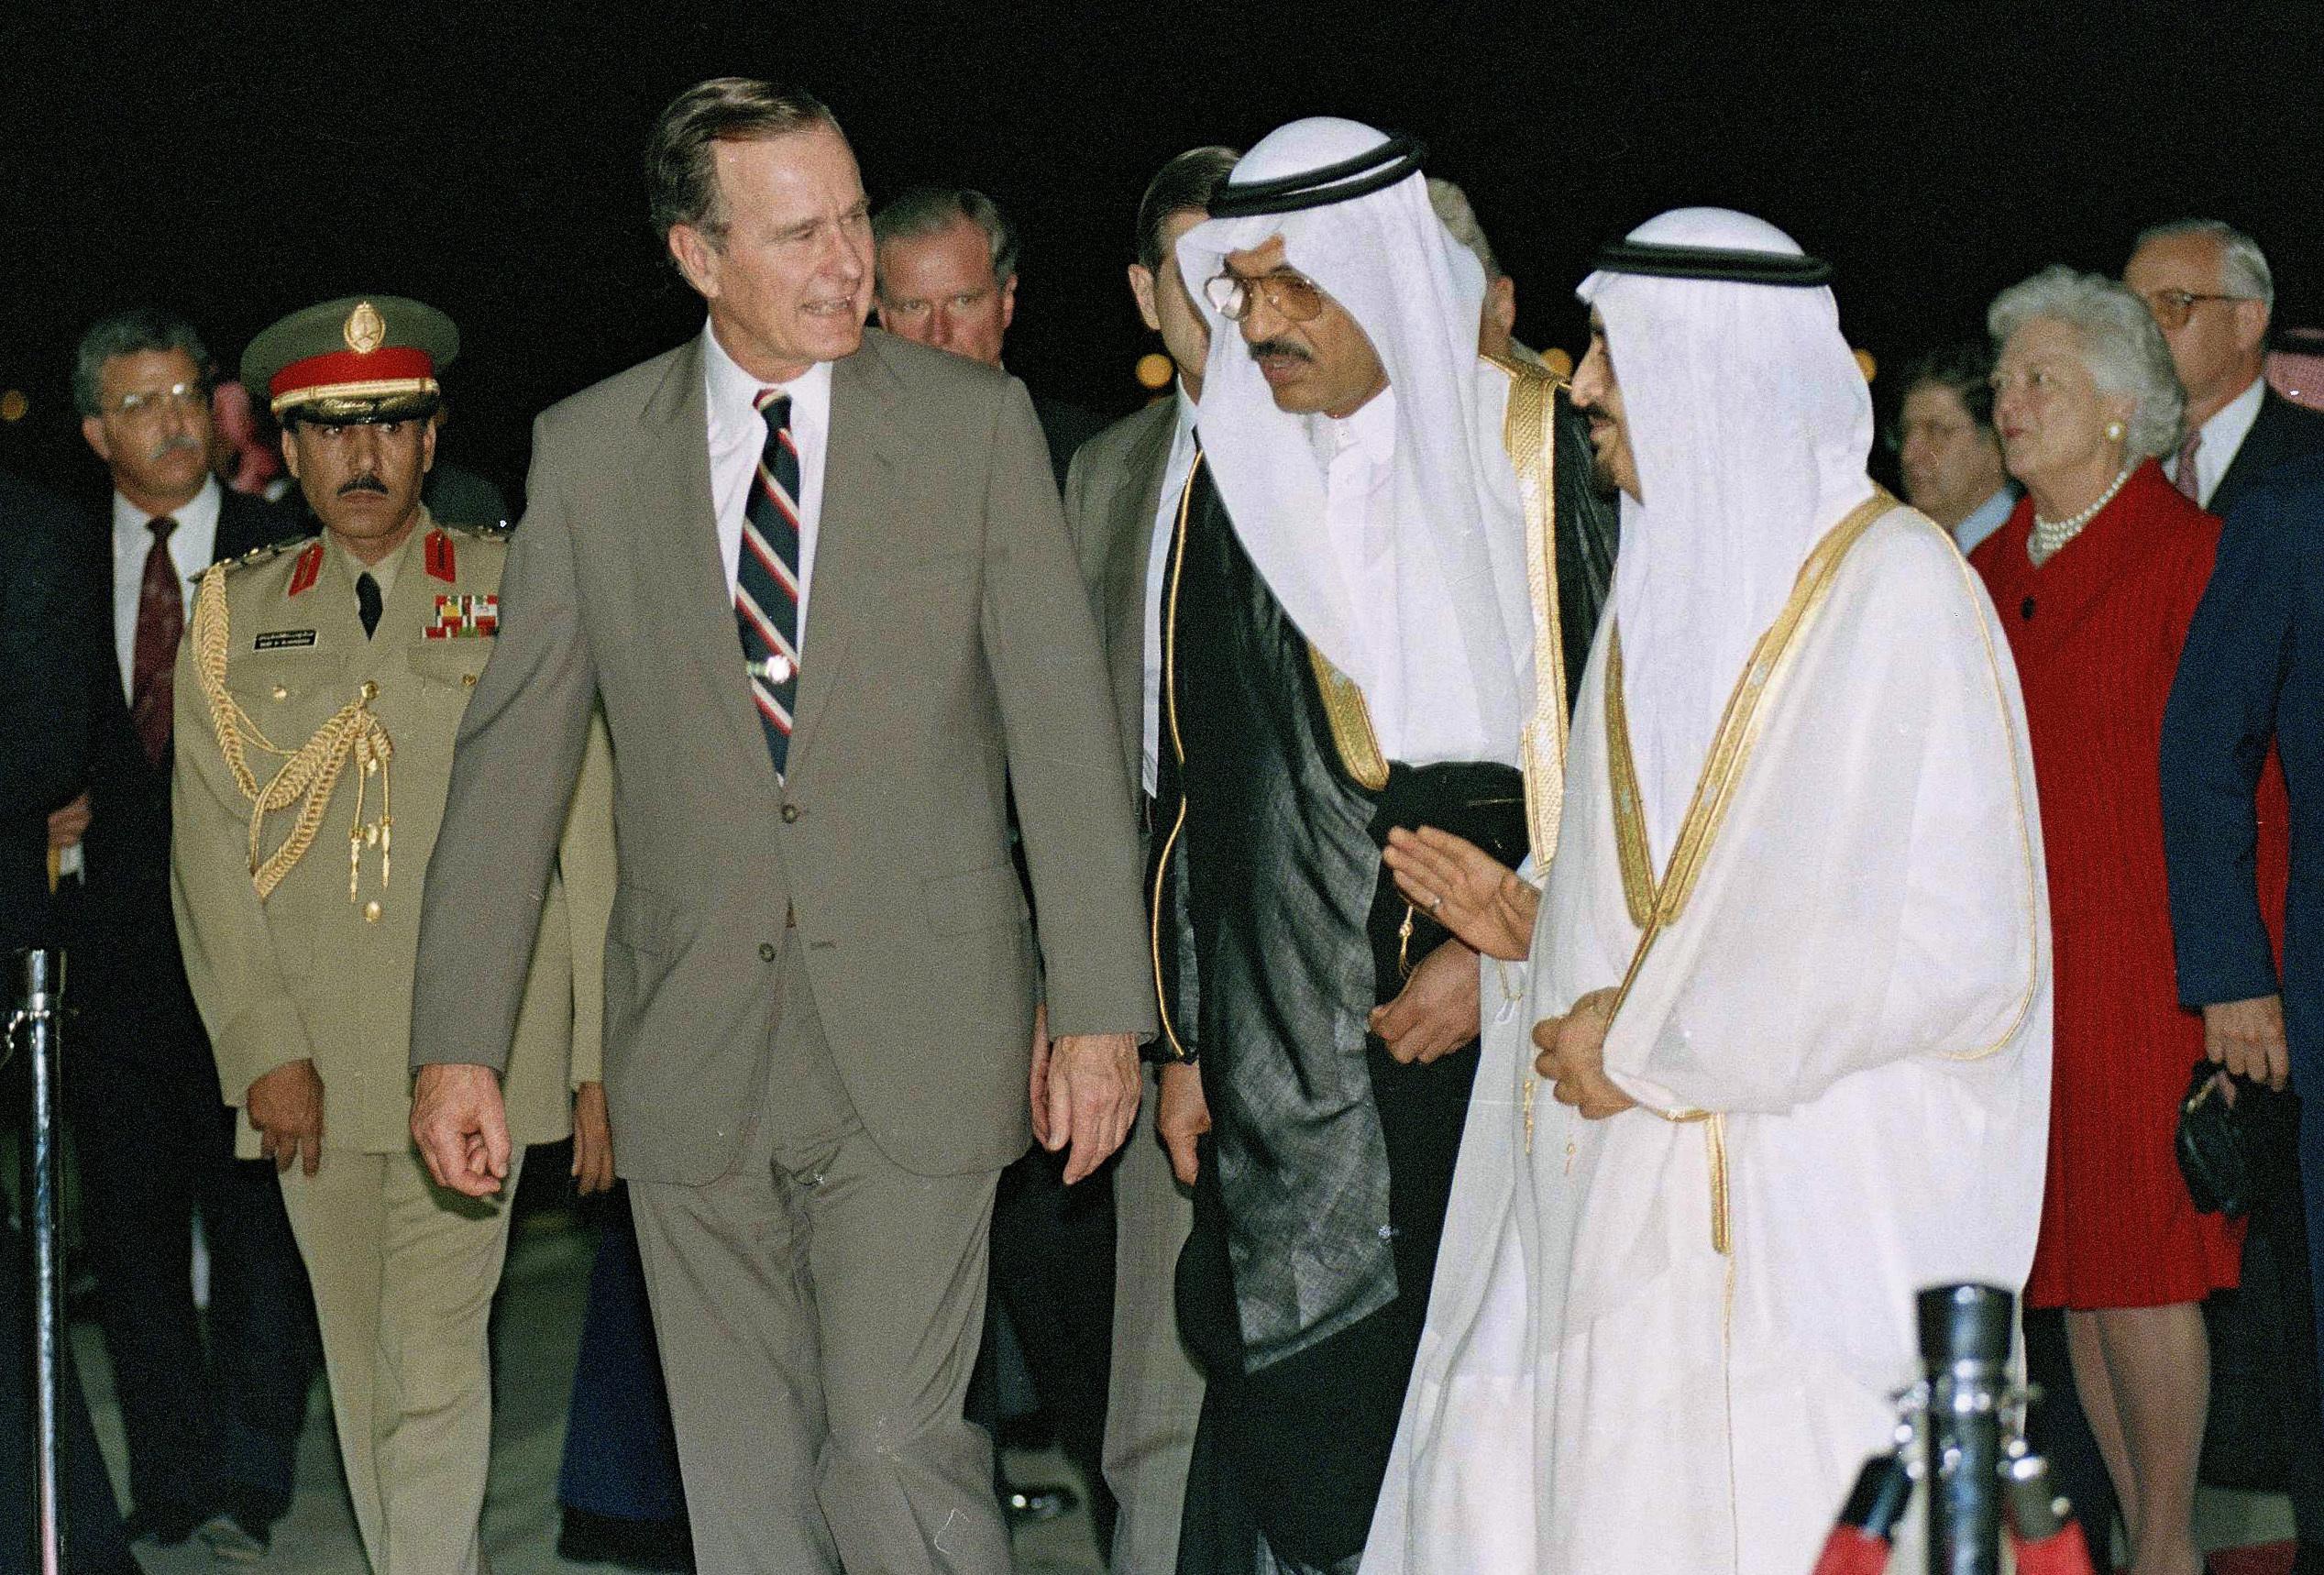 George H.W. Bushes recibido por el reyFahd en su llegada a Jeddah,Arabia Saudita. (AP Photo/J. Scott Applewhite)